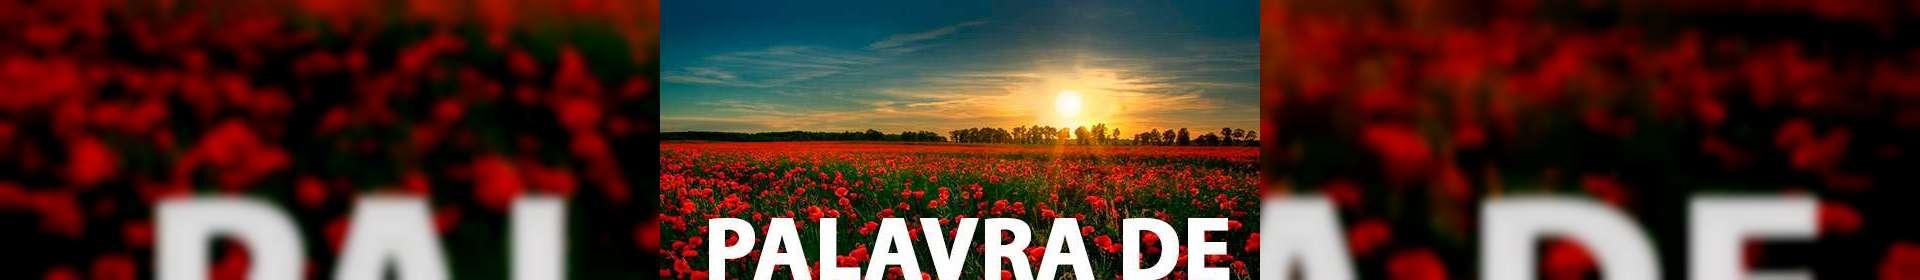 Isaías 21:6 - Uma Palavra de Esperança para sua vida